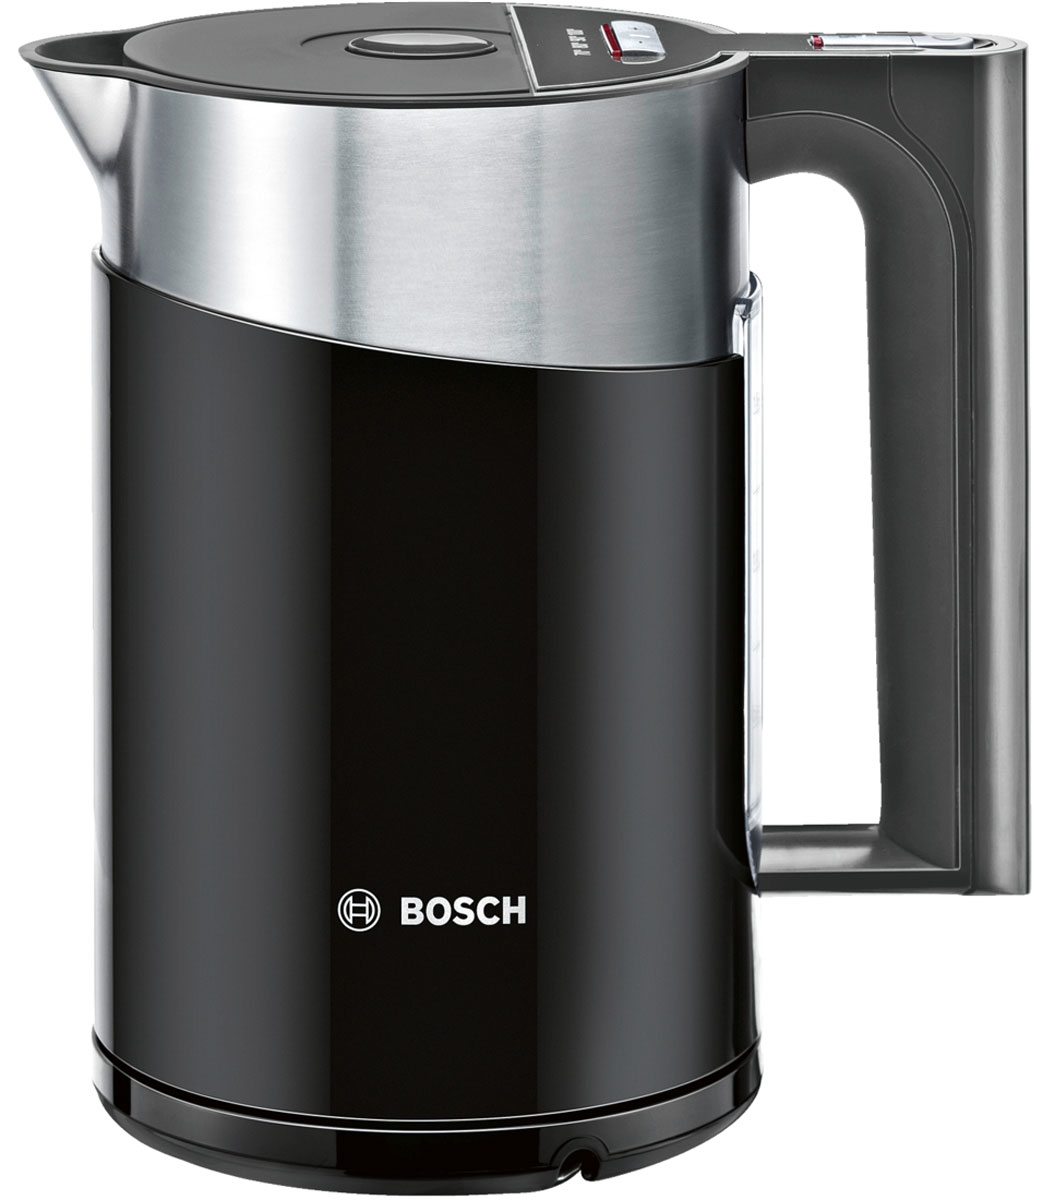 Bosch TWK 861P3RU электрочайникTWK 861P3RUЭлектрочайник Bosch TWK 861P3RU для любителей чая и ценителей эстетики. Регулировка температуры TemperatureControl позволяет выбрать оптимальную температуры нагрева воды 70°C, 80°C, 90°C или 100 °С.Функция поддержания температуры воды KeepWarm Function поддерживает заданную температуру в течение 30 минут. Легкий в управлении: крышка открывается нажатием кнопки.